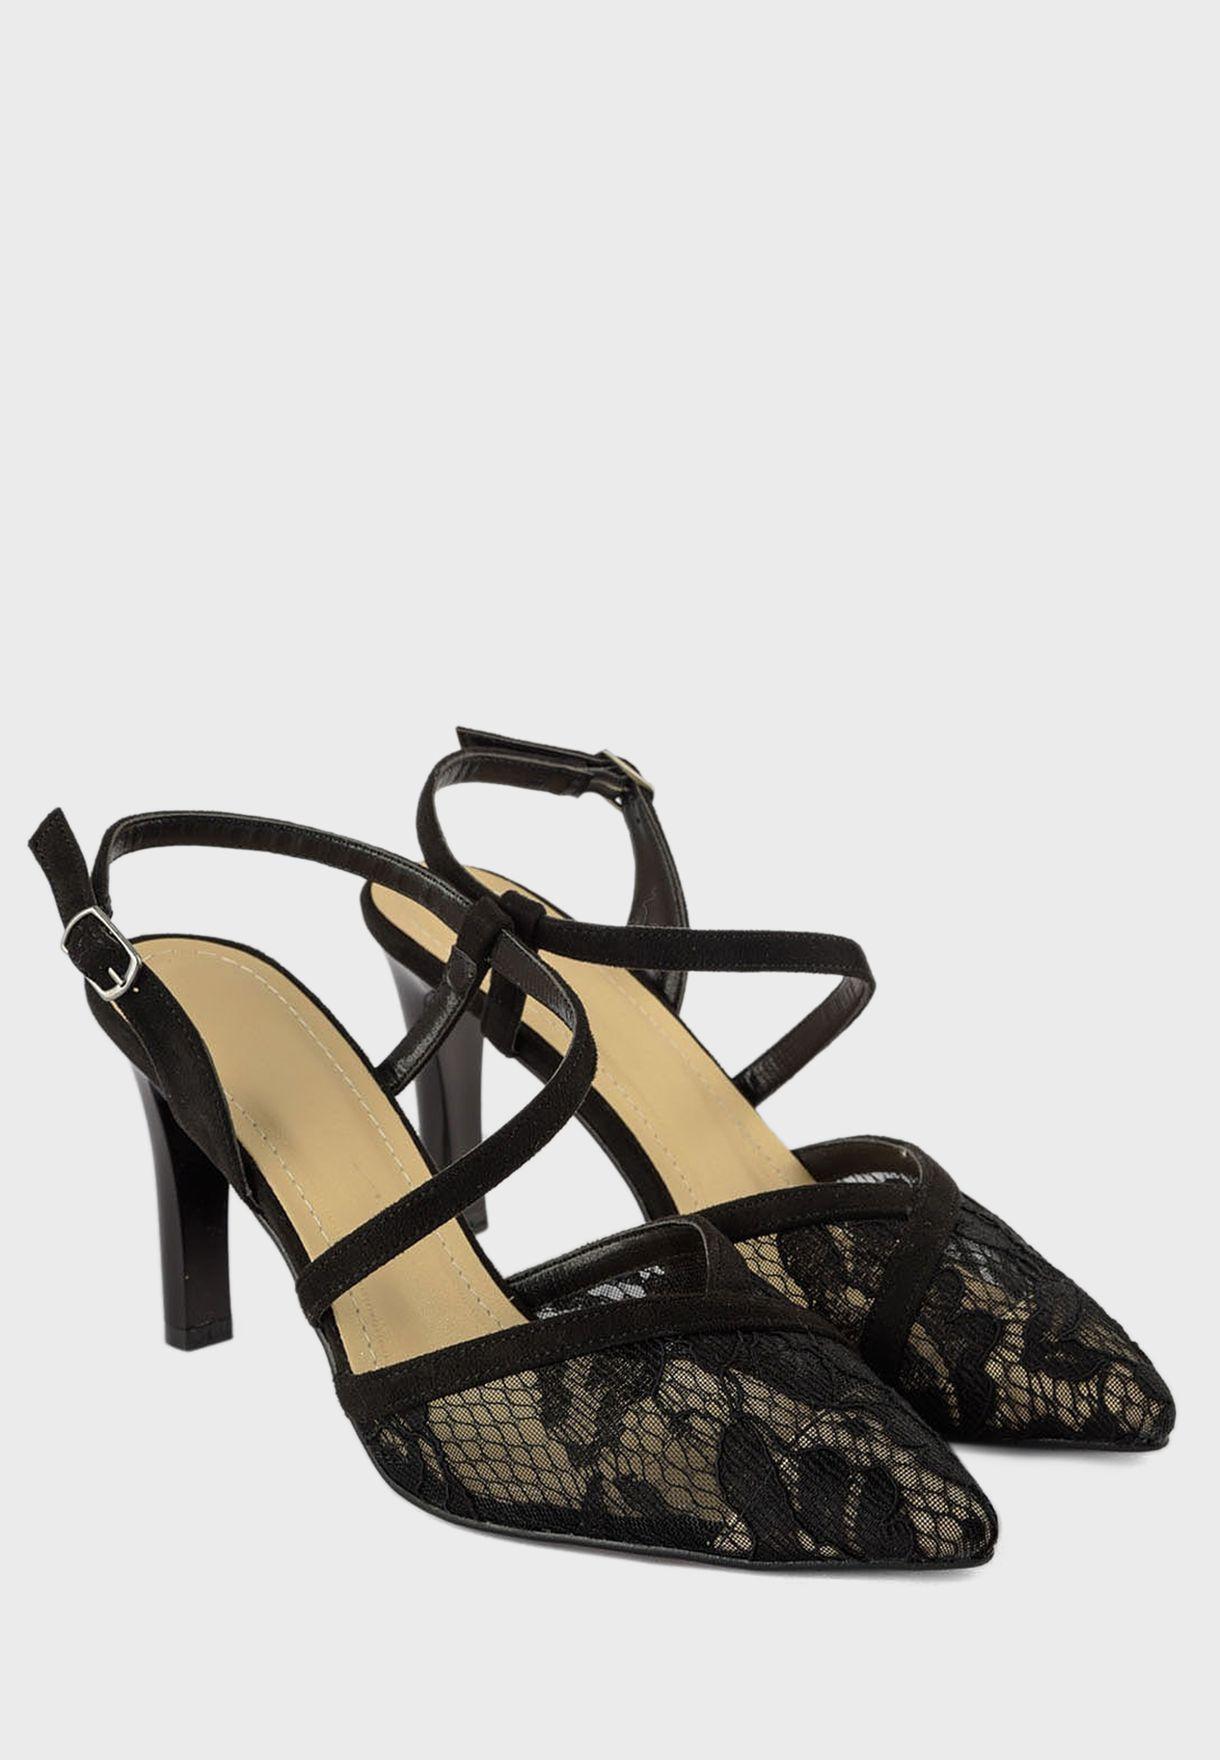 Trendyol Buckled Detail High Heel Pump - Brand Shoes